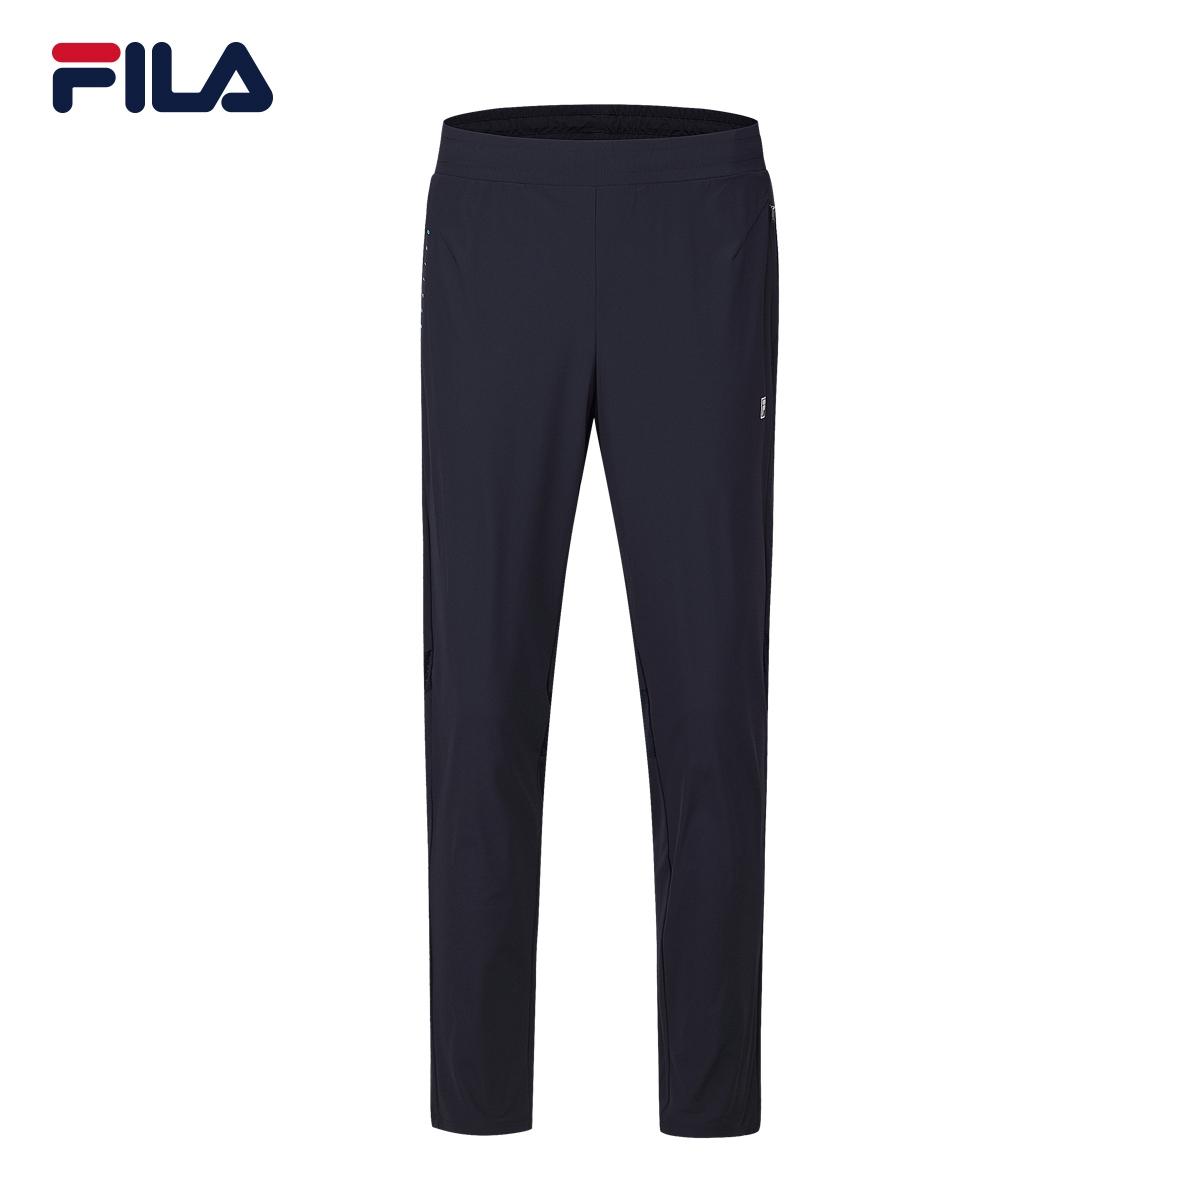 FILA斐乐男2018夏季新款舒适透气耐磨运动长裤|F11M824604F